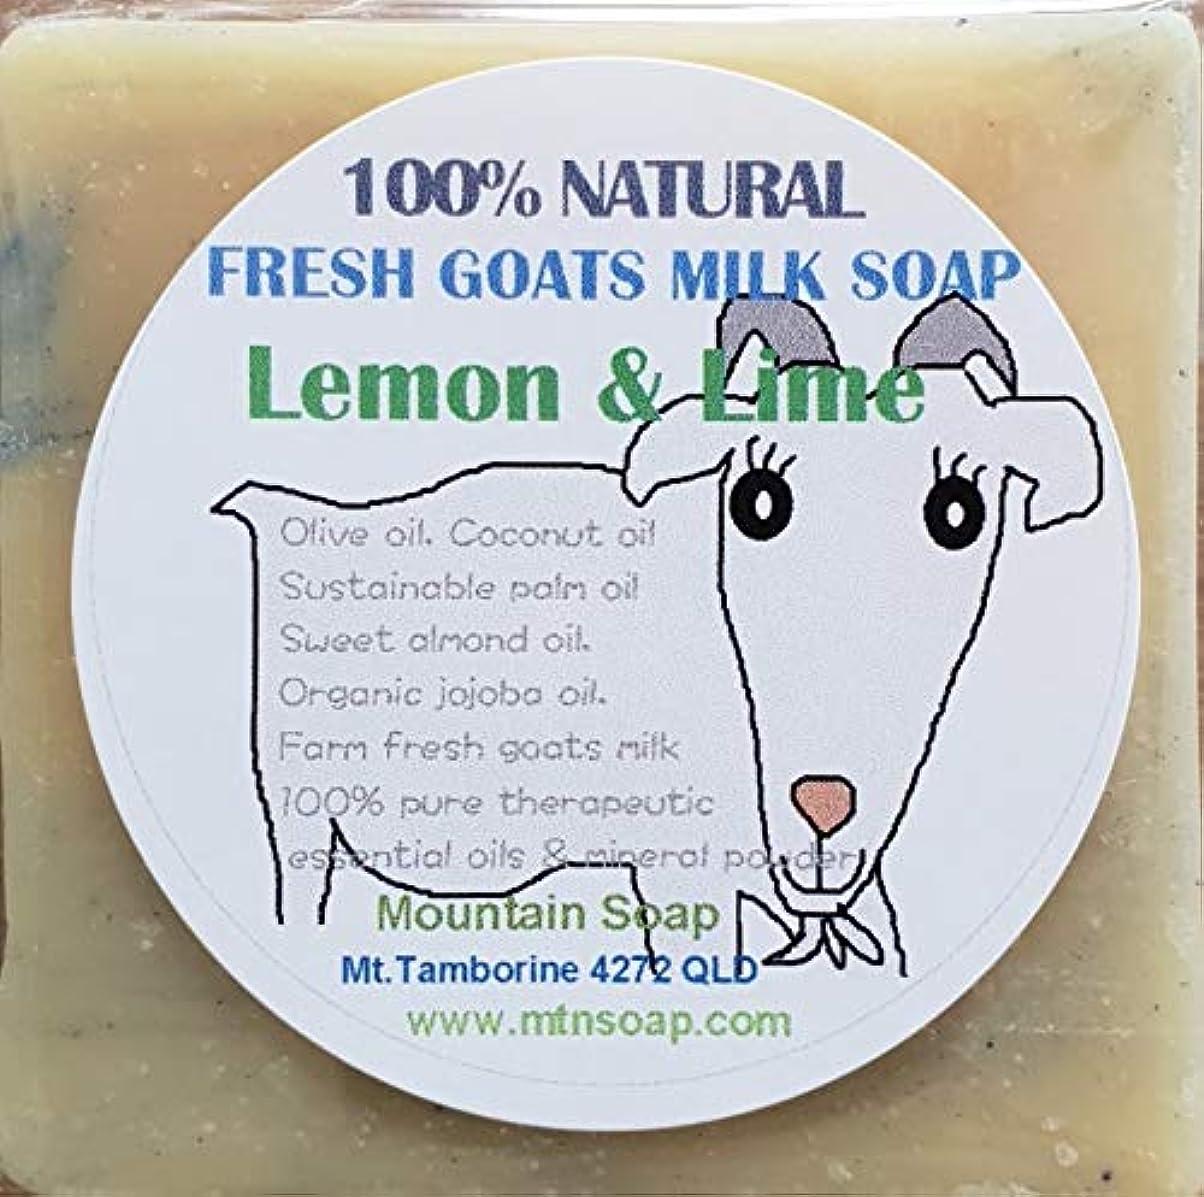 割れ目フェローシップ【Mountain Soap】マウンテンソープ 農場直送絞りたて生乳使用 ゴートミルク石鹸 レモン&ライム